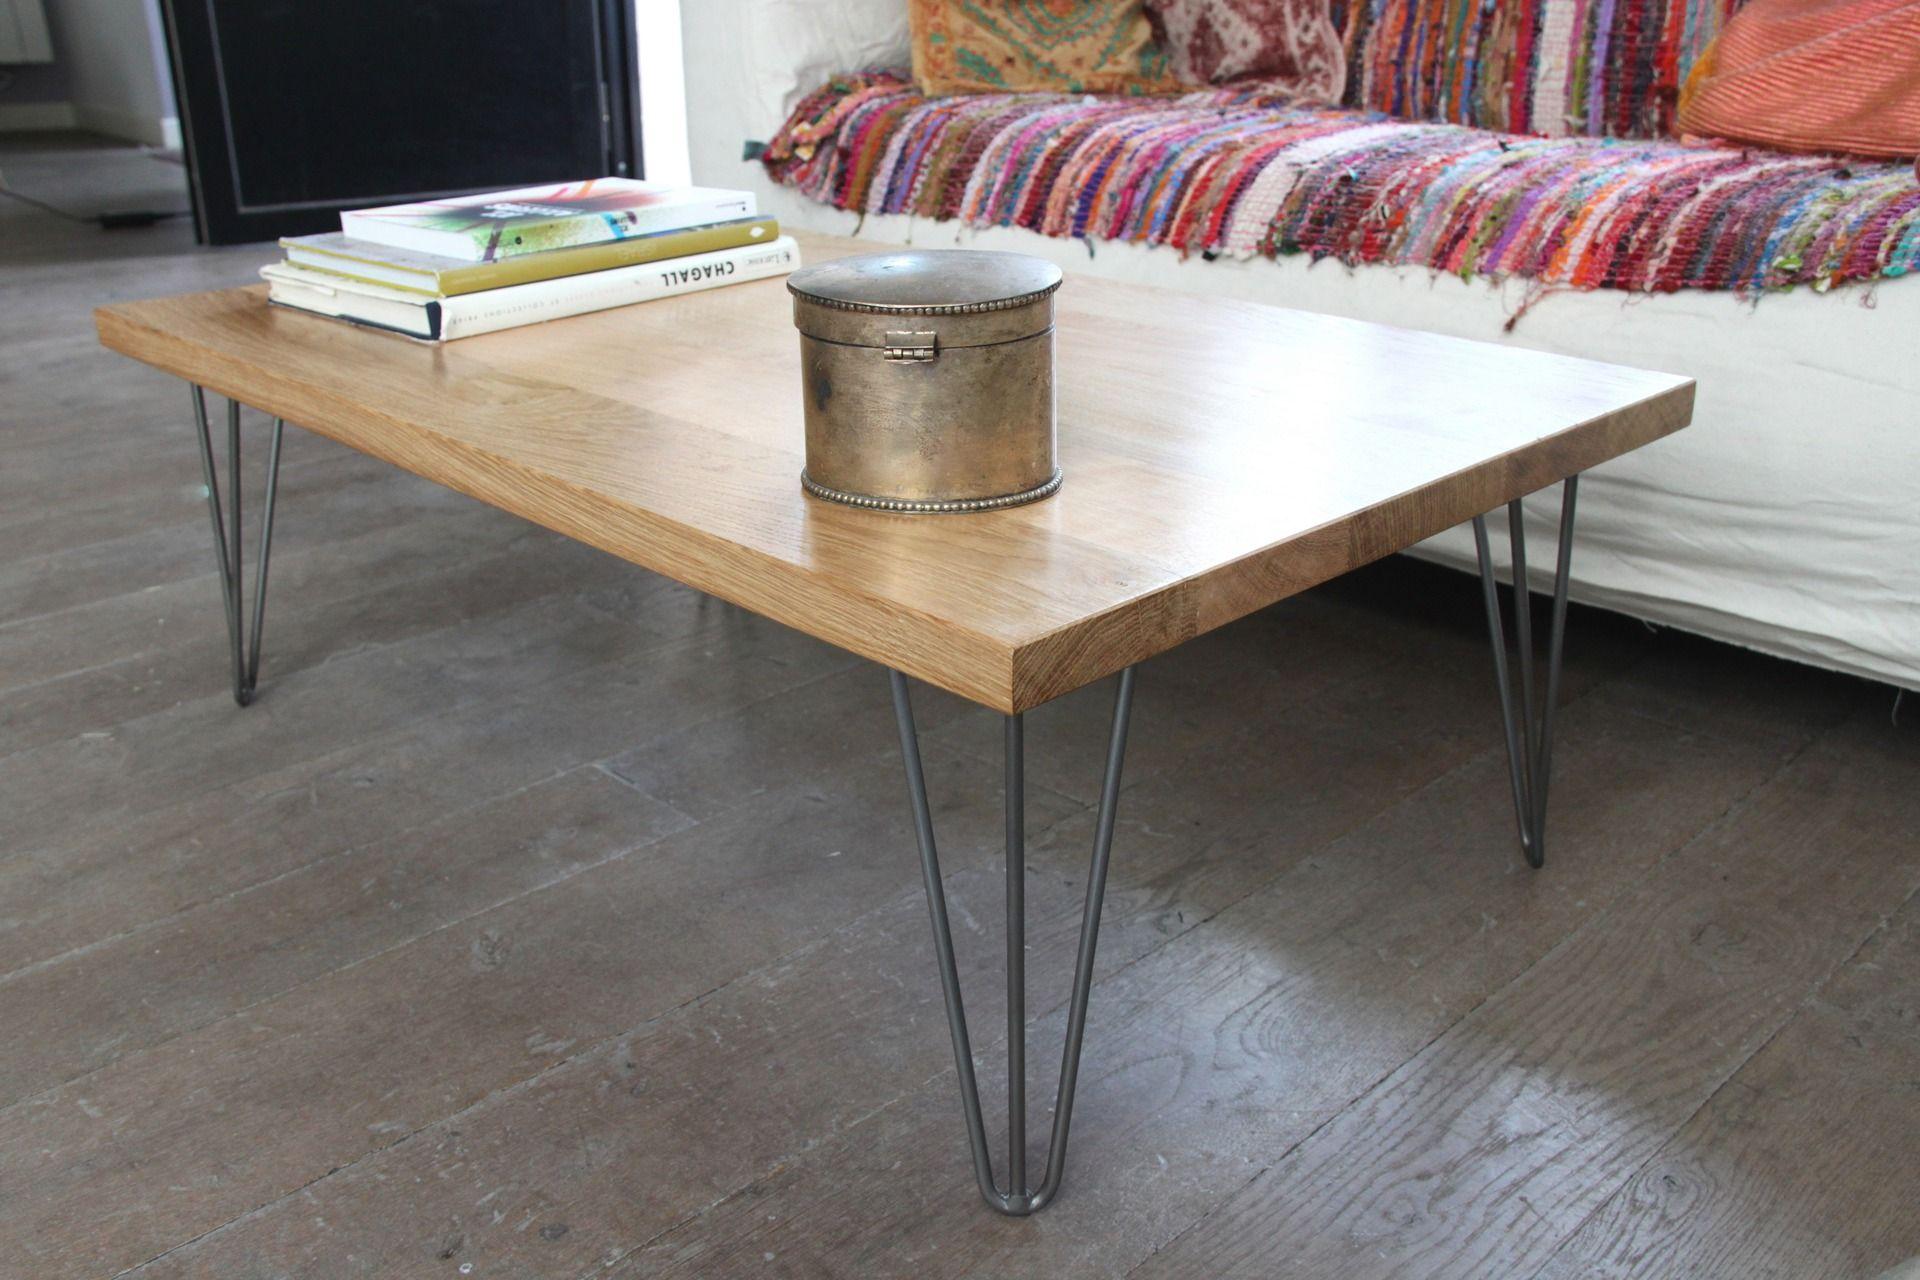 table basse bois massif et pied pingle acier vernis - Pied De Table En Bois Massif